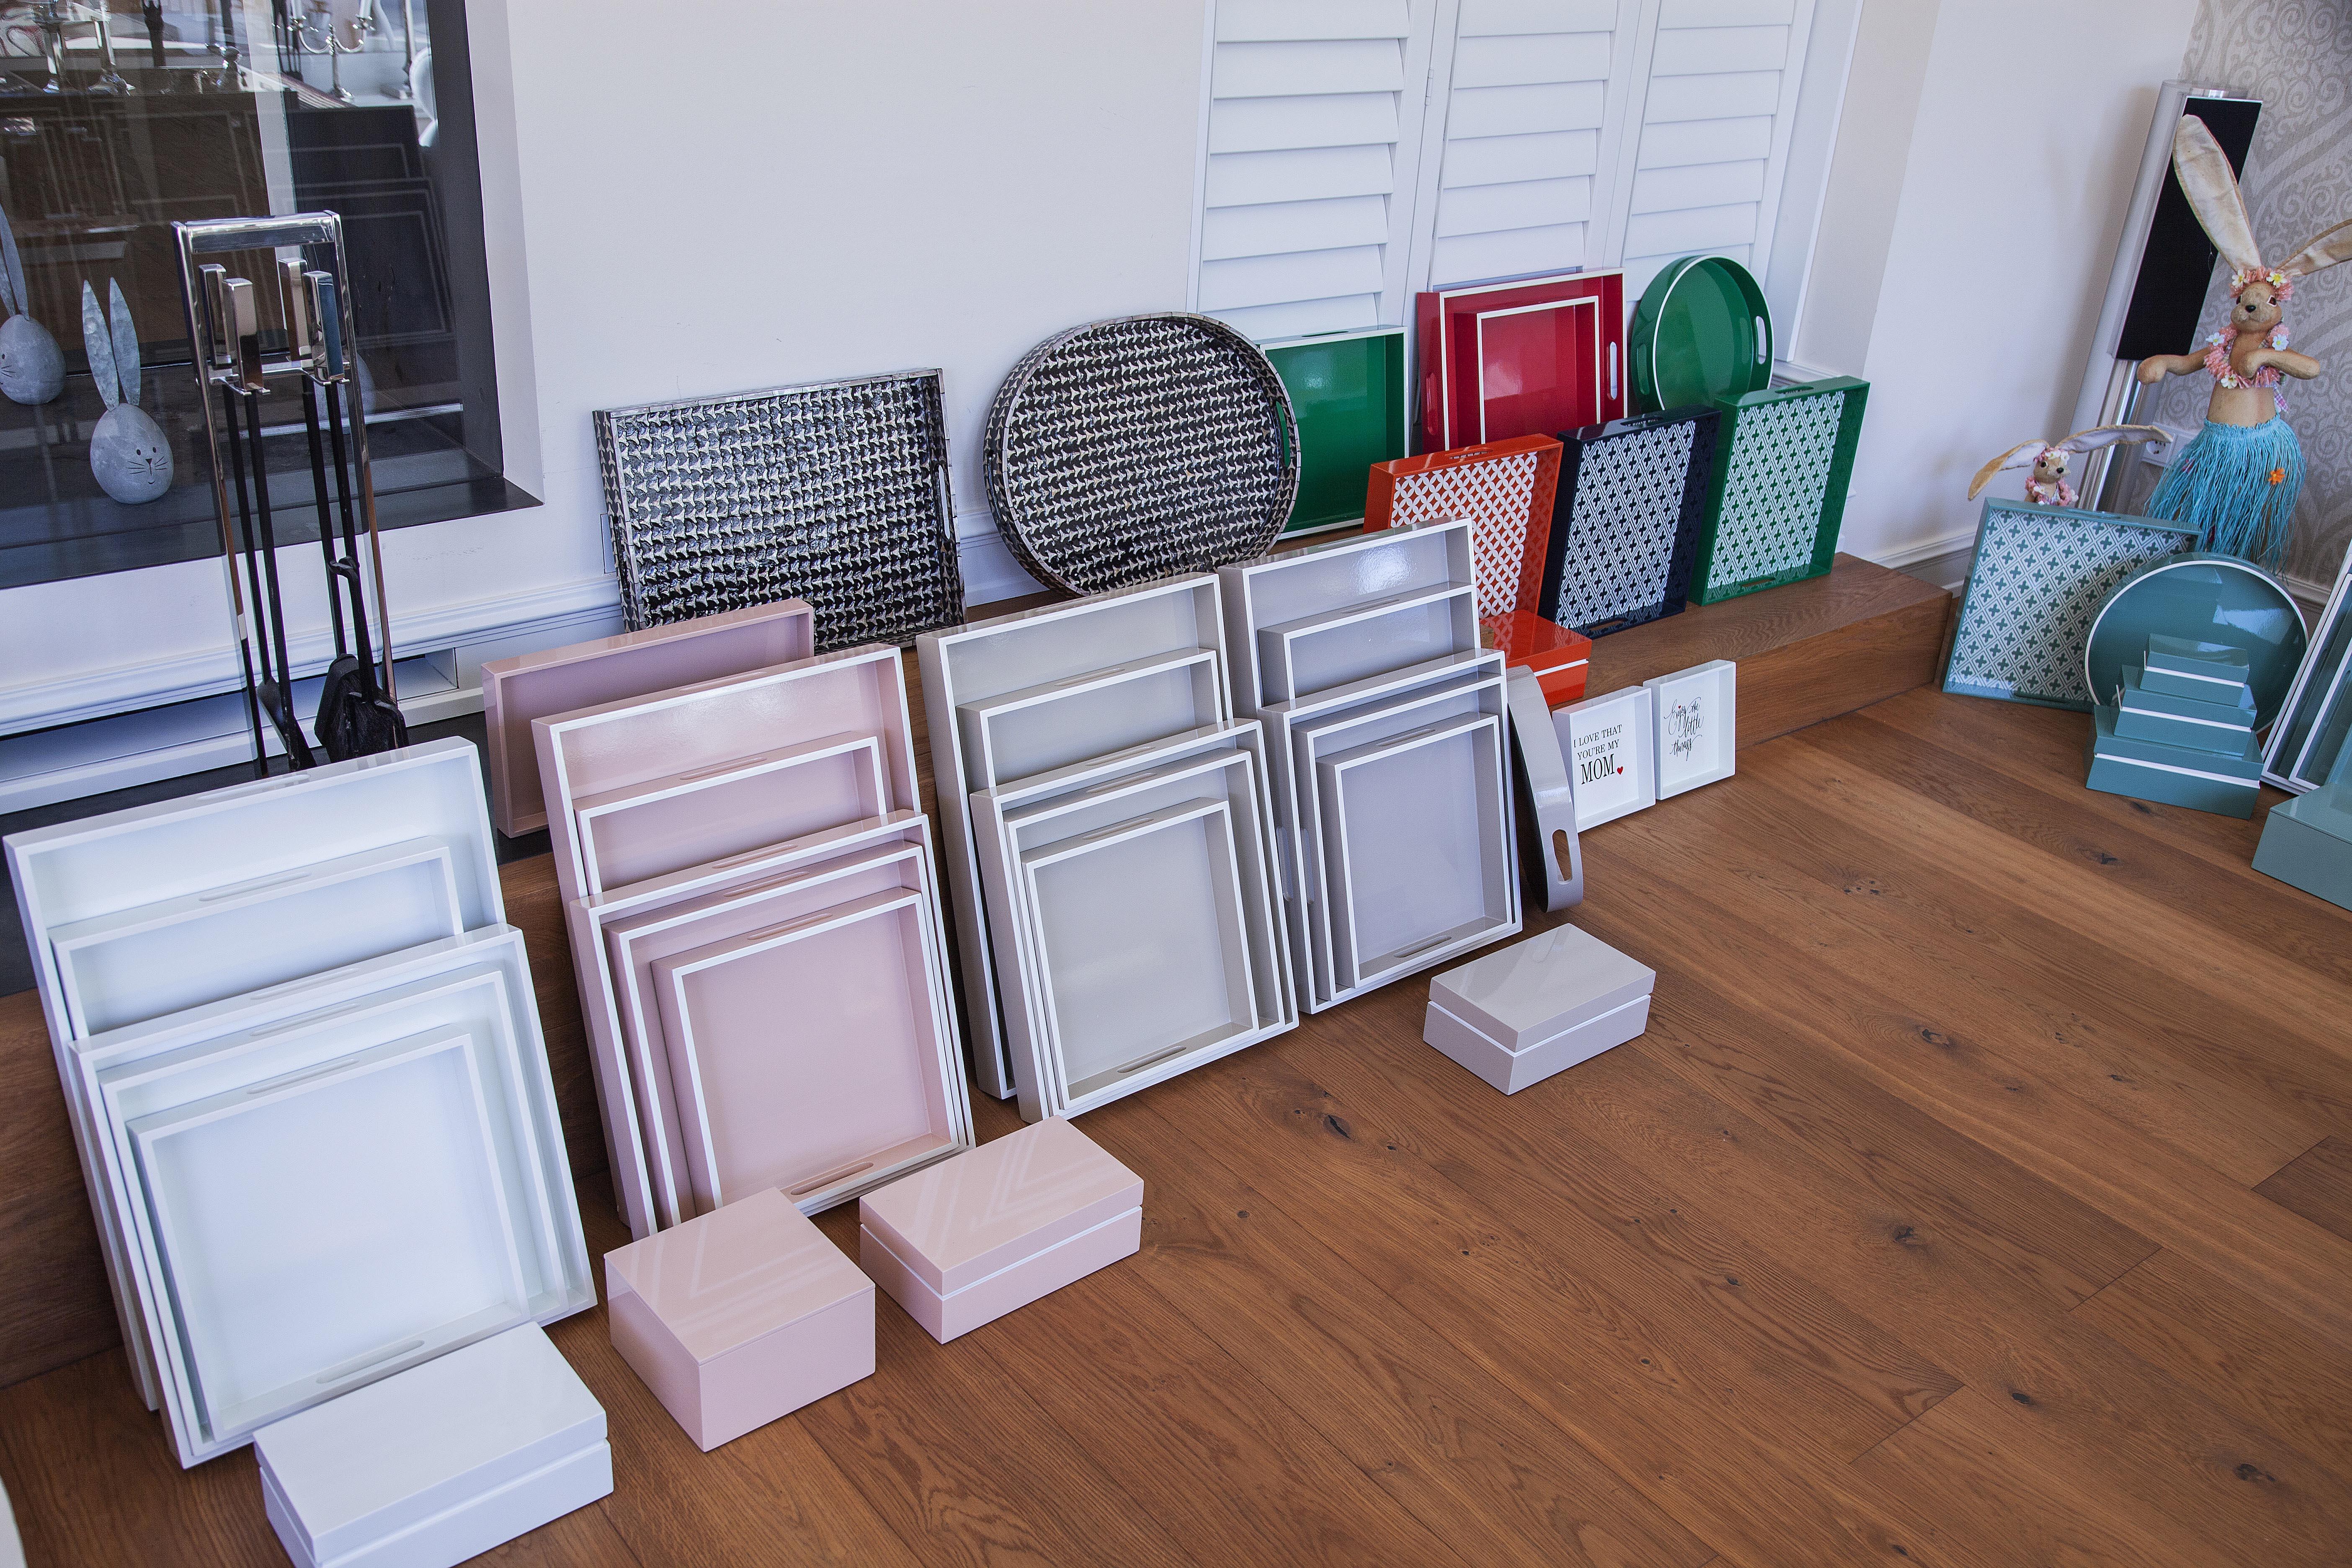 Lacktabletts quadratisch, verschiedene Farben und Größen